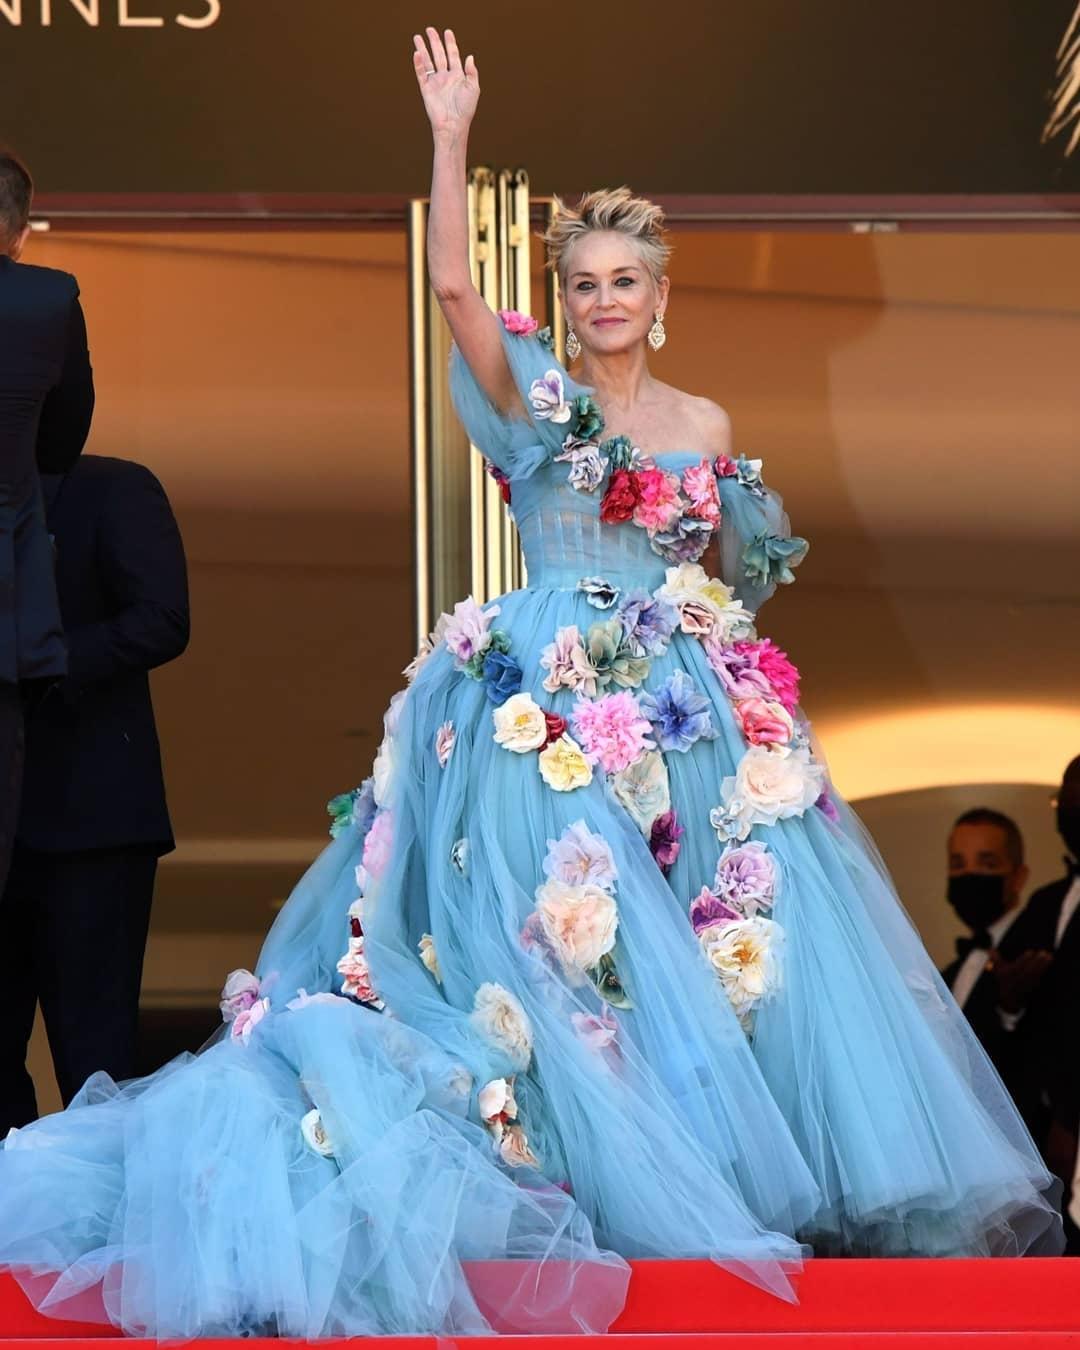 Шэрон Стоун в сказочном платье с цветами произвела фурор на Каннском кинофестивале (ФОТО) - фото №2